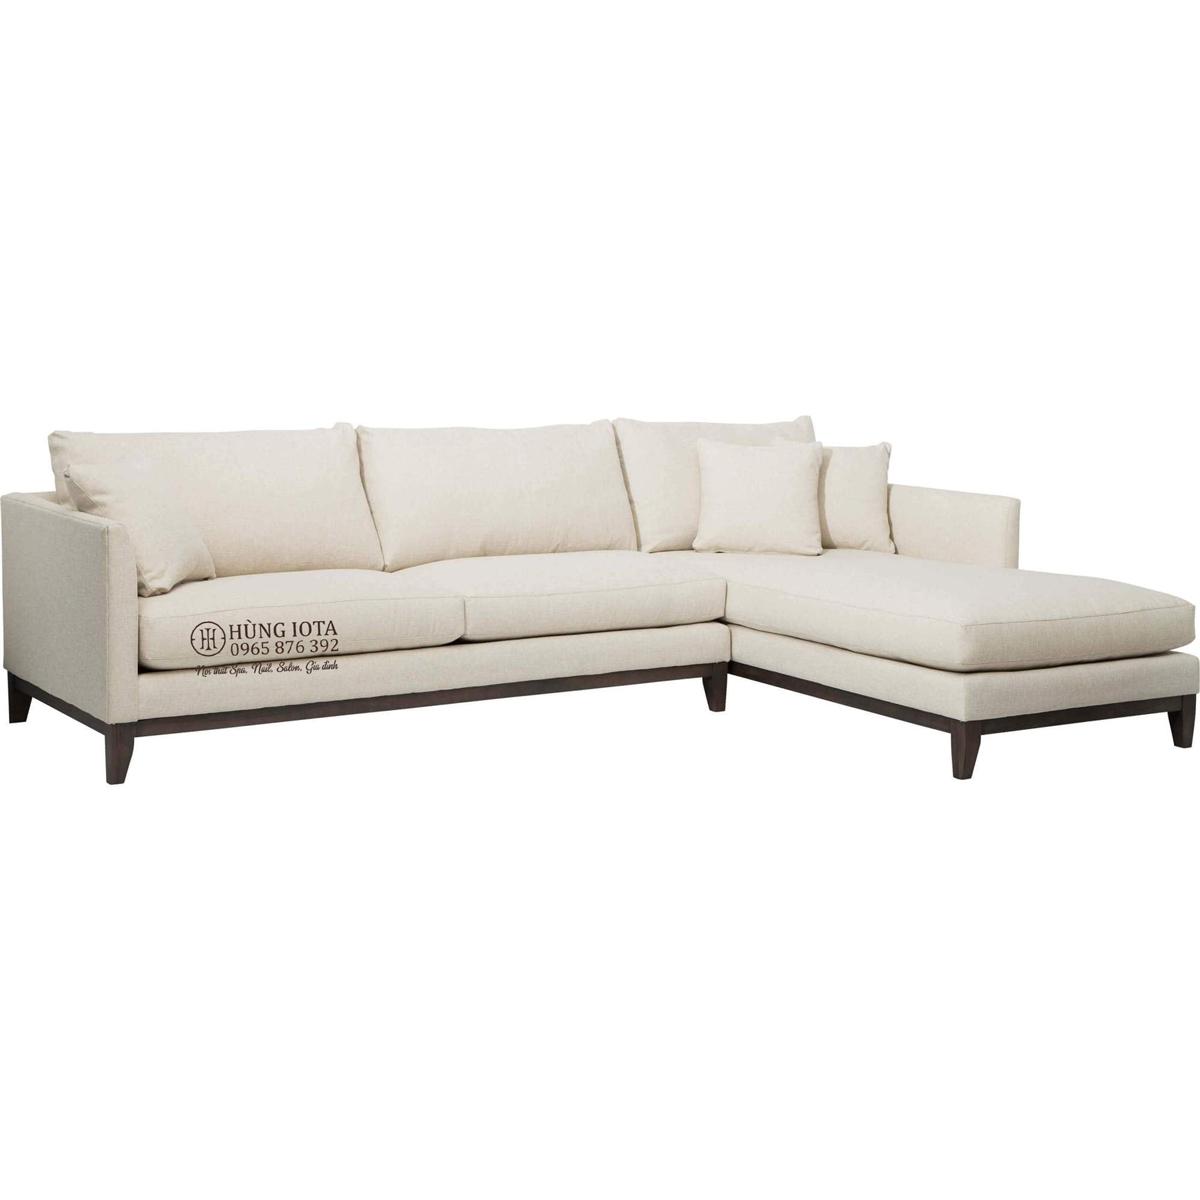 Ghế sofa gia đình chữ L màu trắng nhạt chất nỉ thô đep giá rẻ